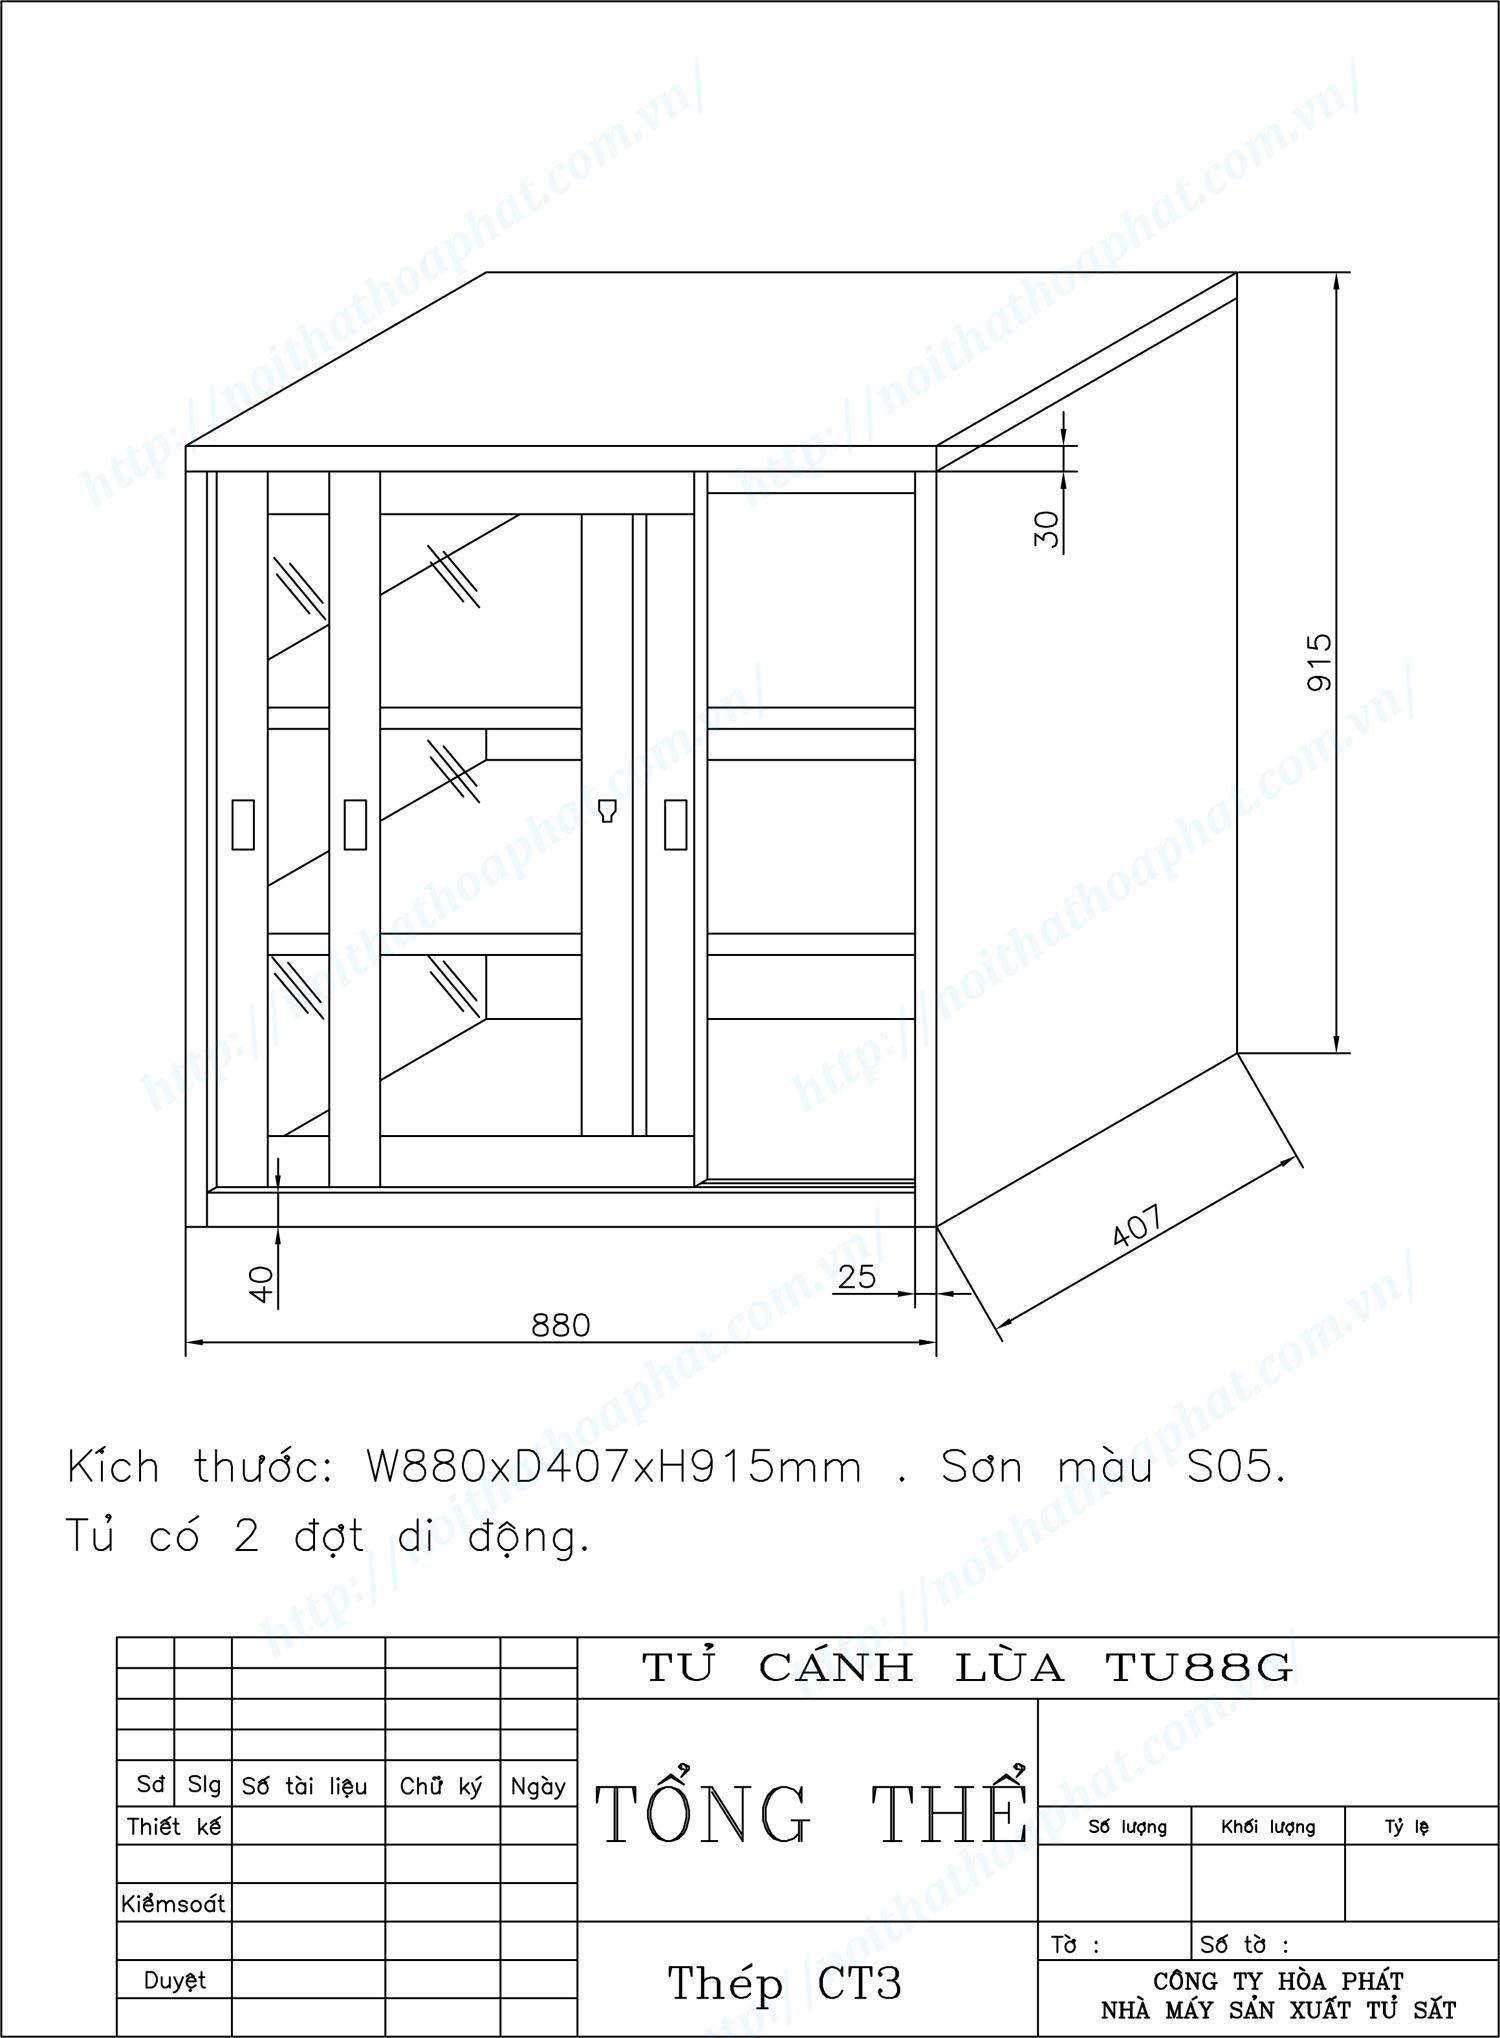 Bản vẽ kỹ thuật thiết kế tủ sắt cánh lùa TU88GCK